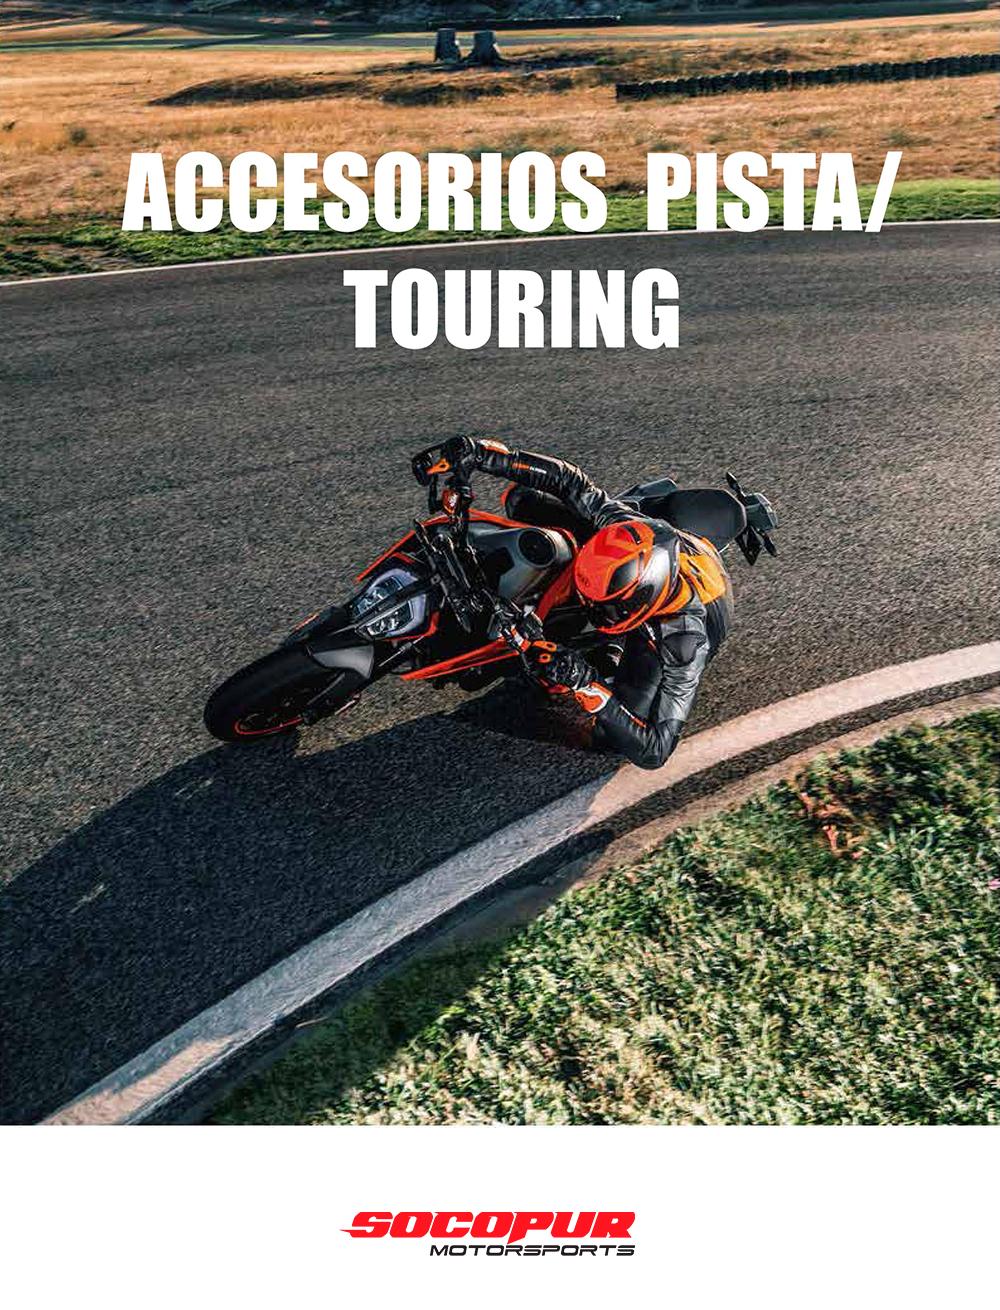 ACCESORIOS PISTA/TOURING